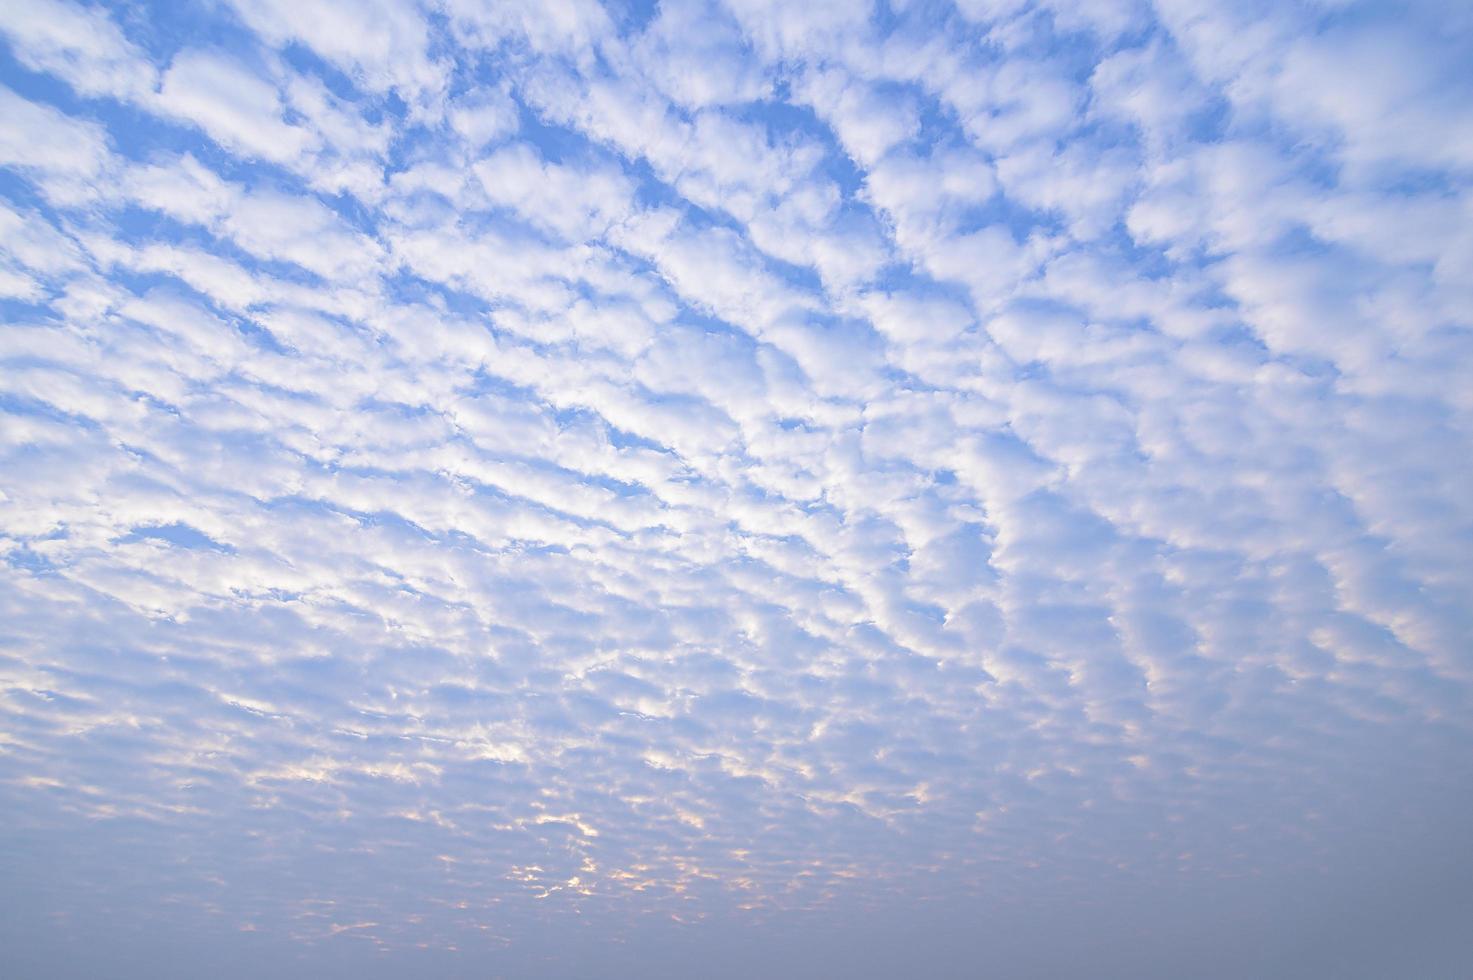 nubes y cielo durante el día. foto